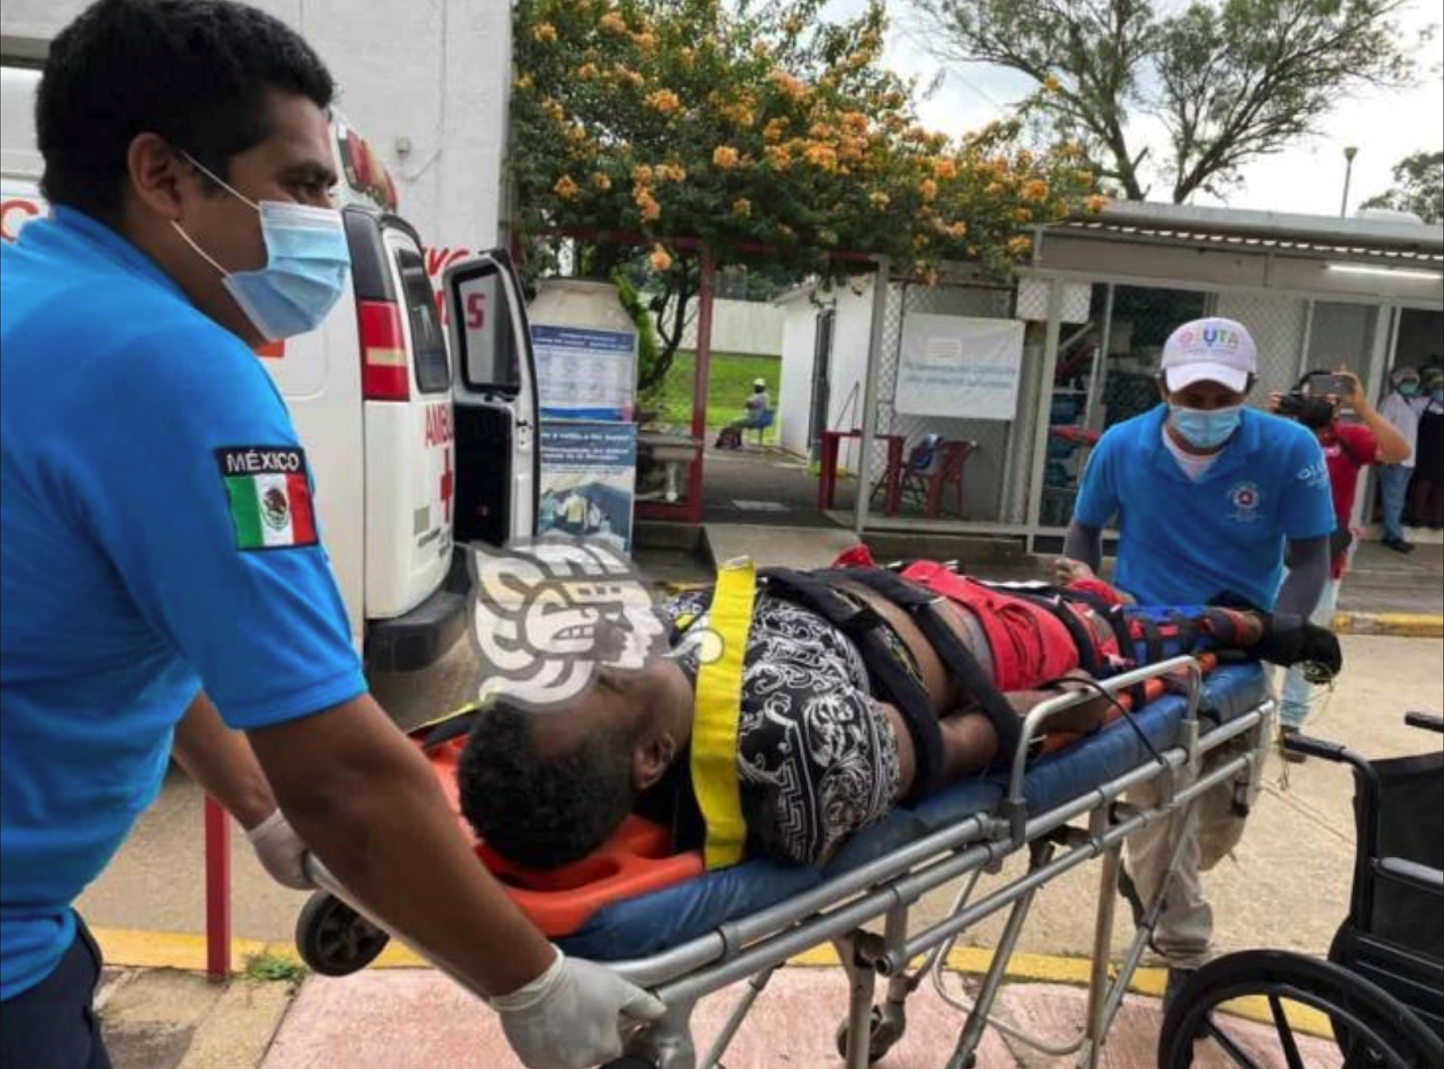 Revelan la identidad de uno de los cubanos muertos en accidente de auto  en Veracruz, México